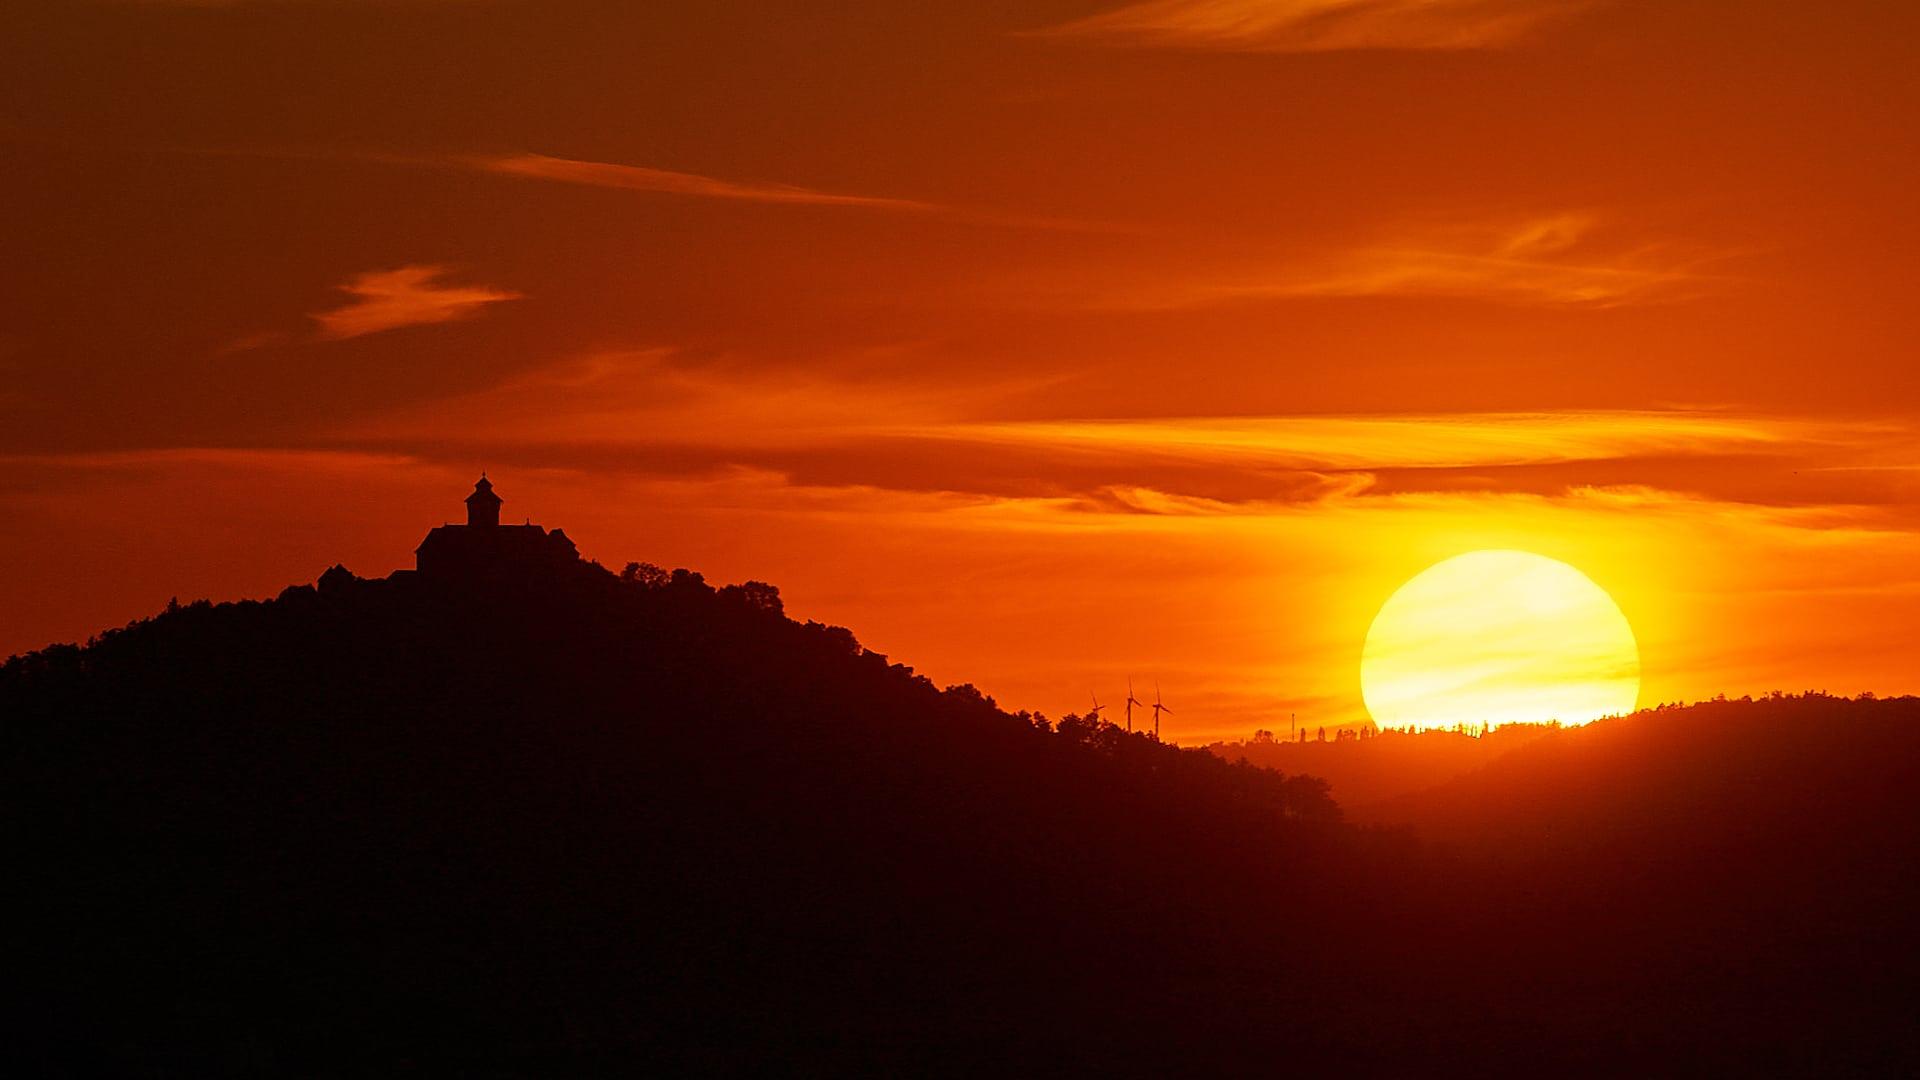 Sonnenuntergang bei der Wachsenburg